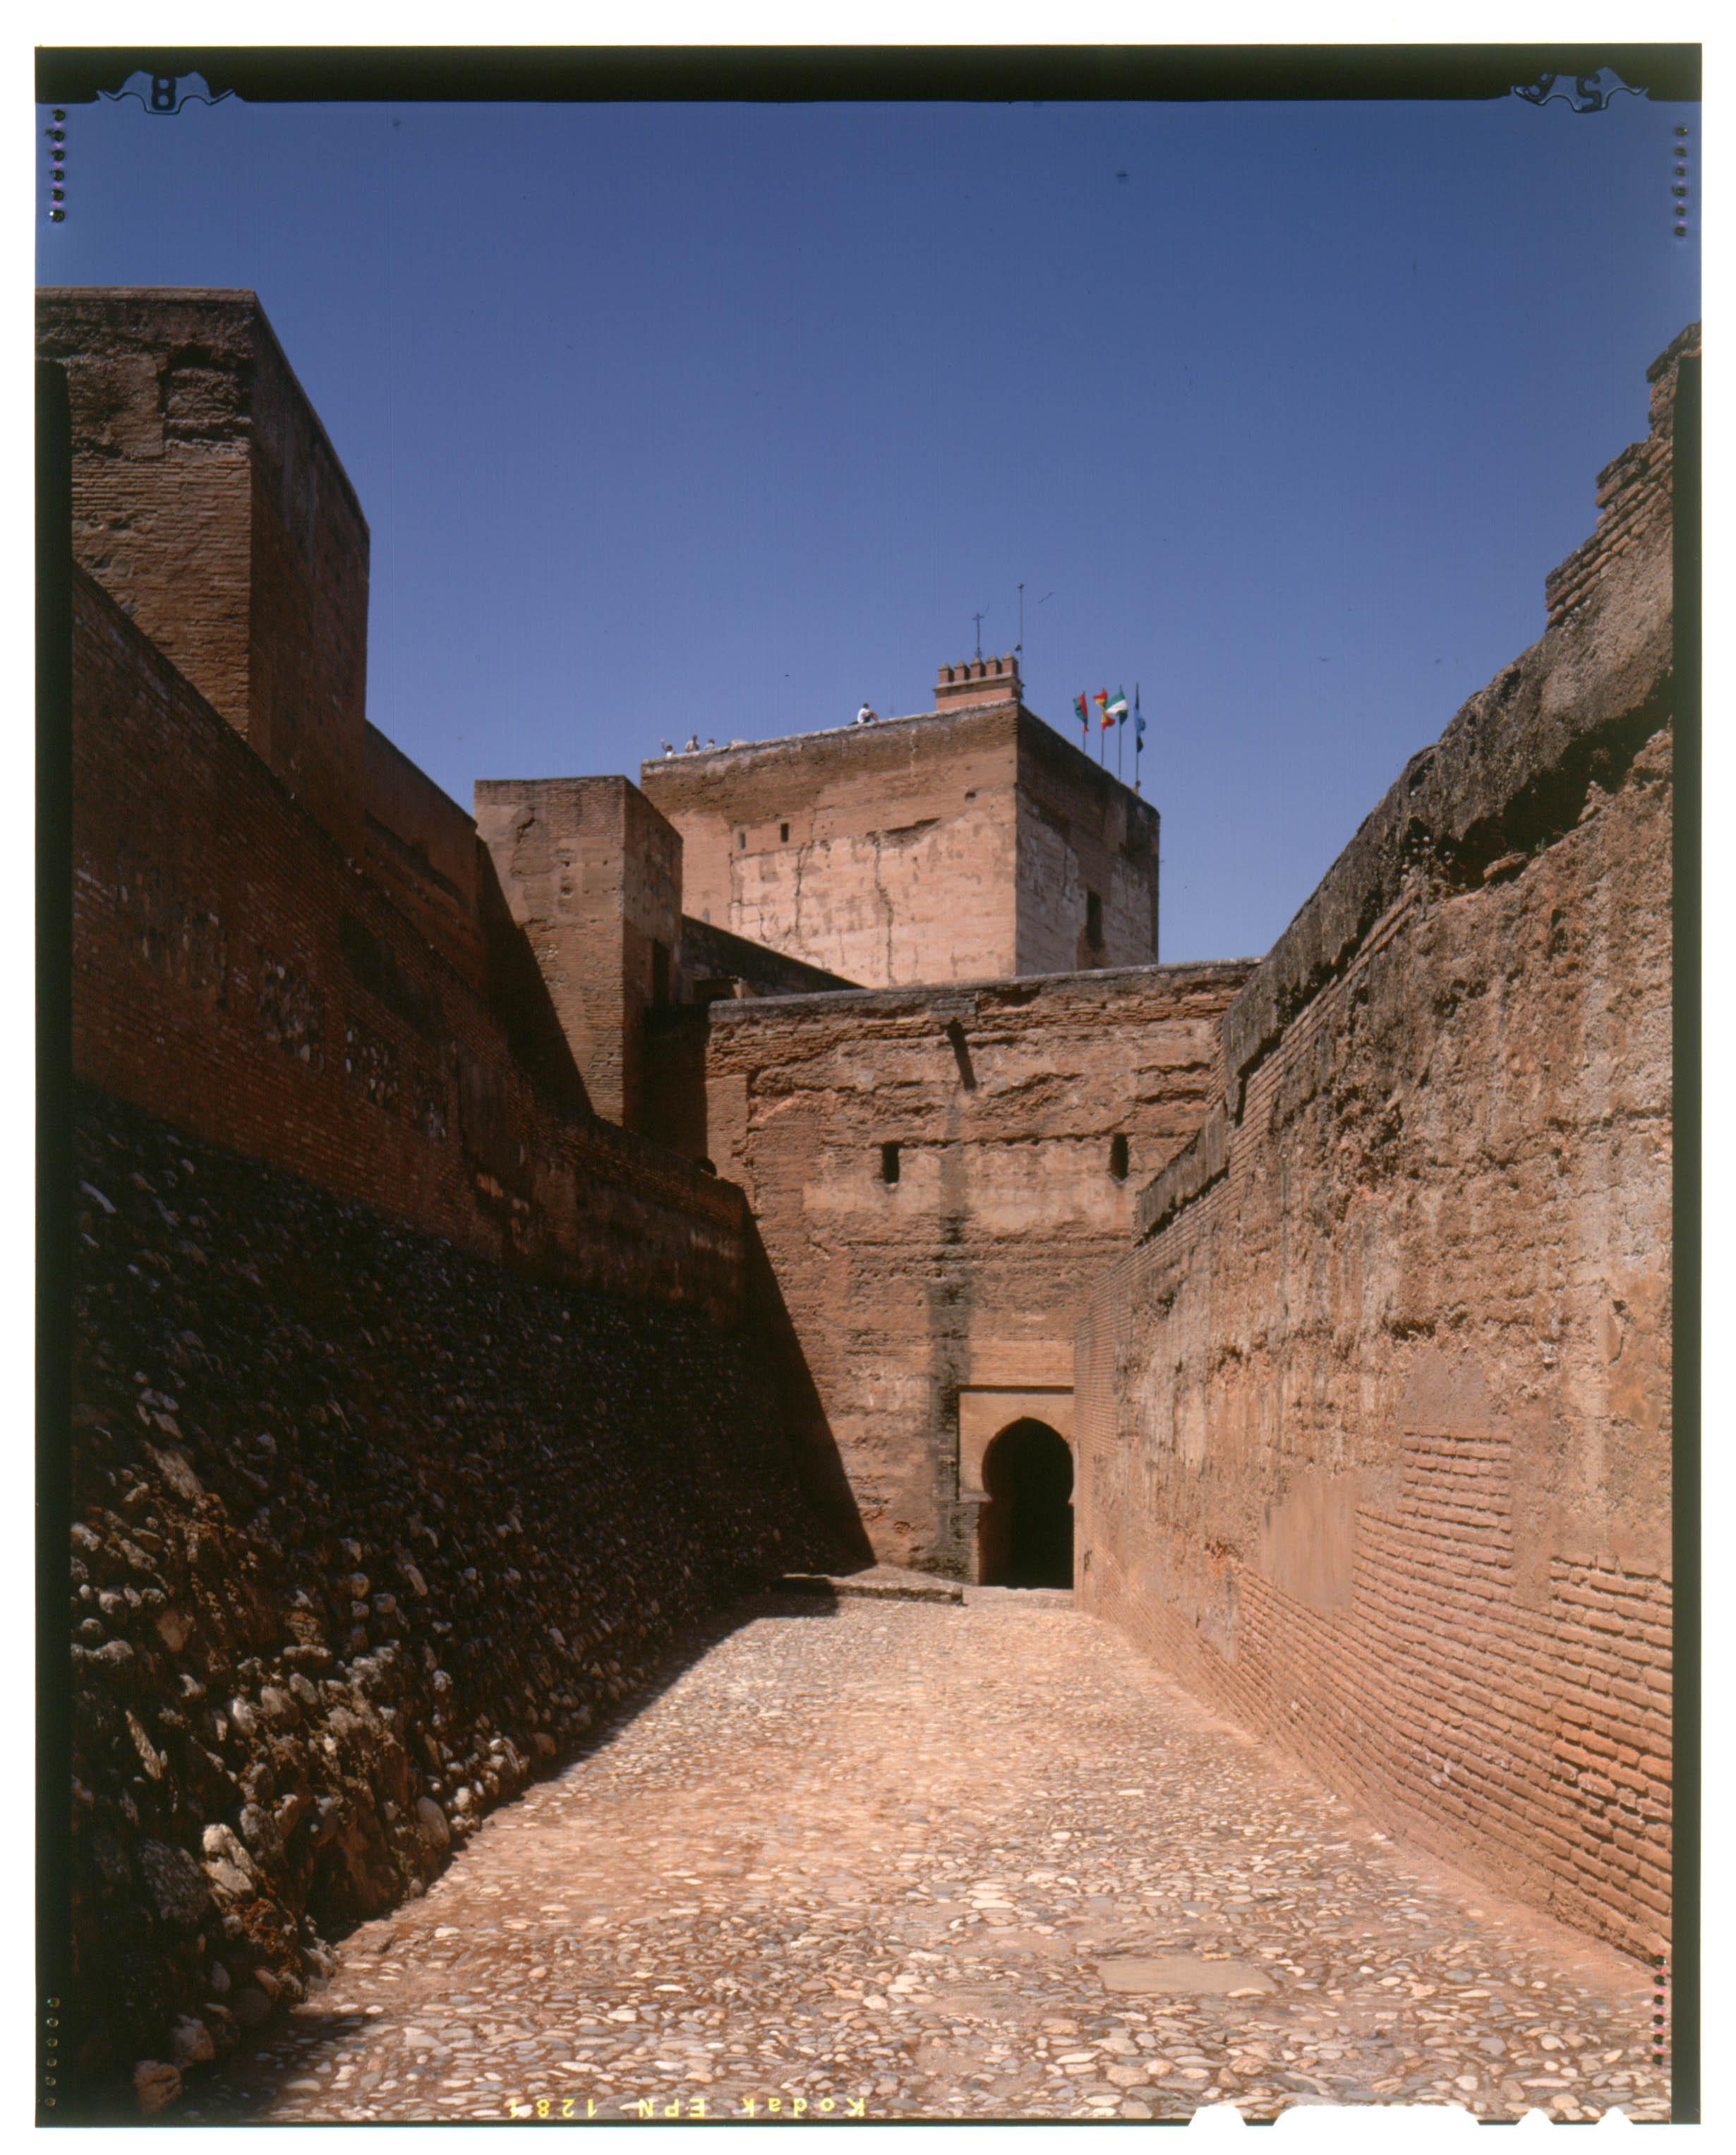 The sentry walk of the Alcazaba